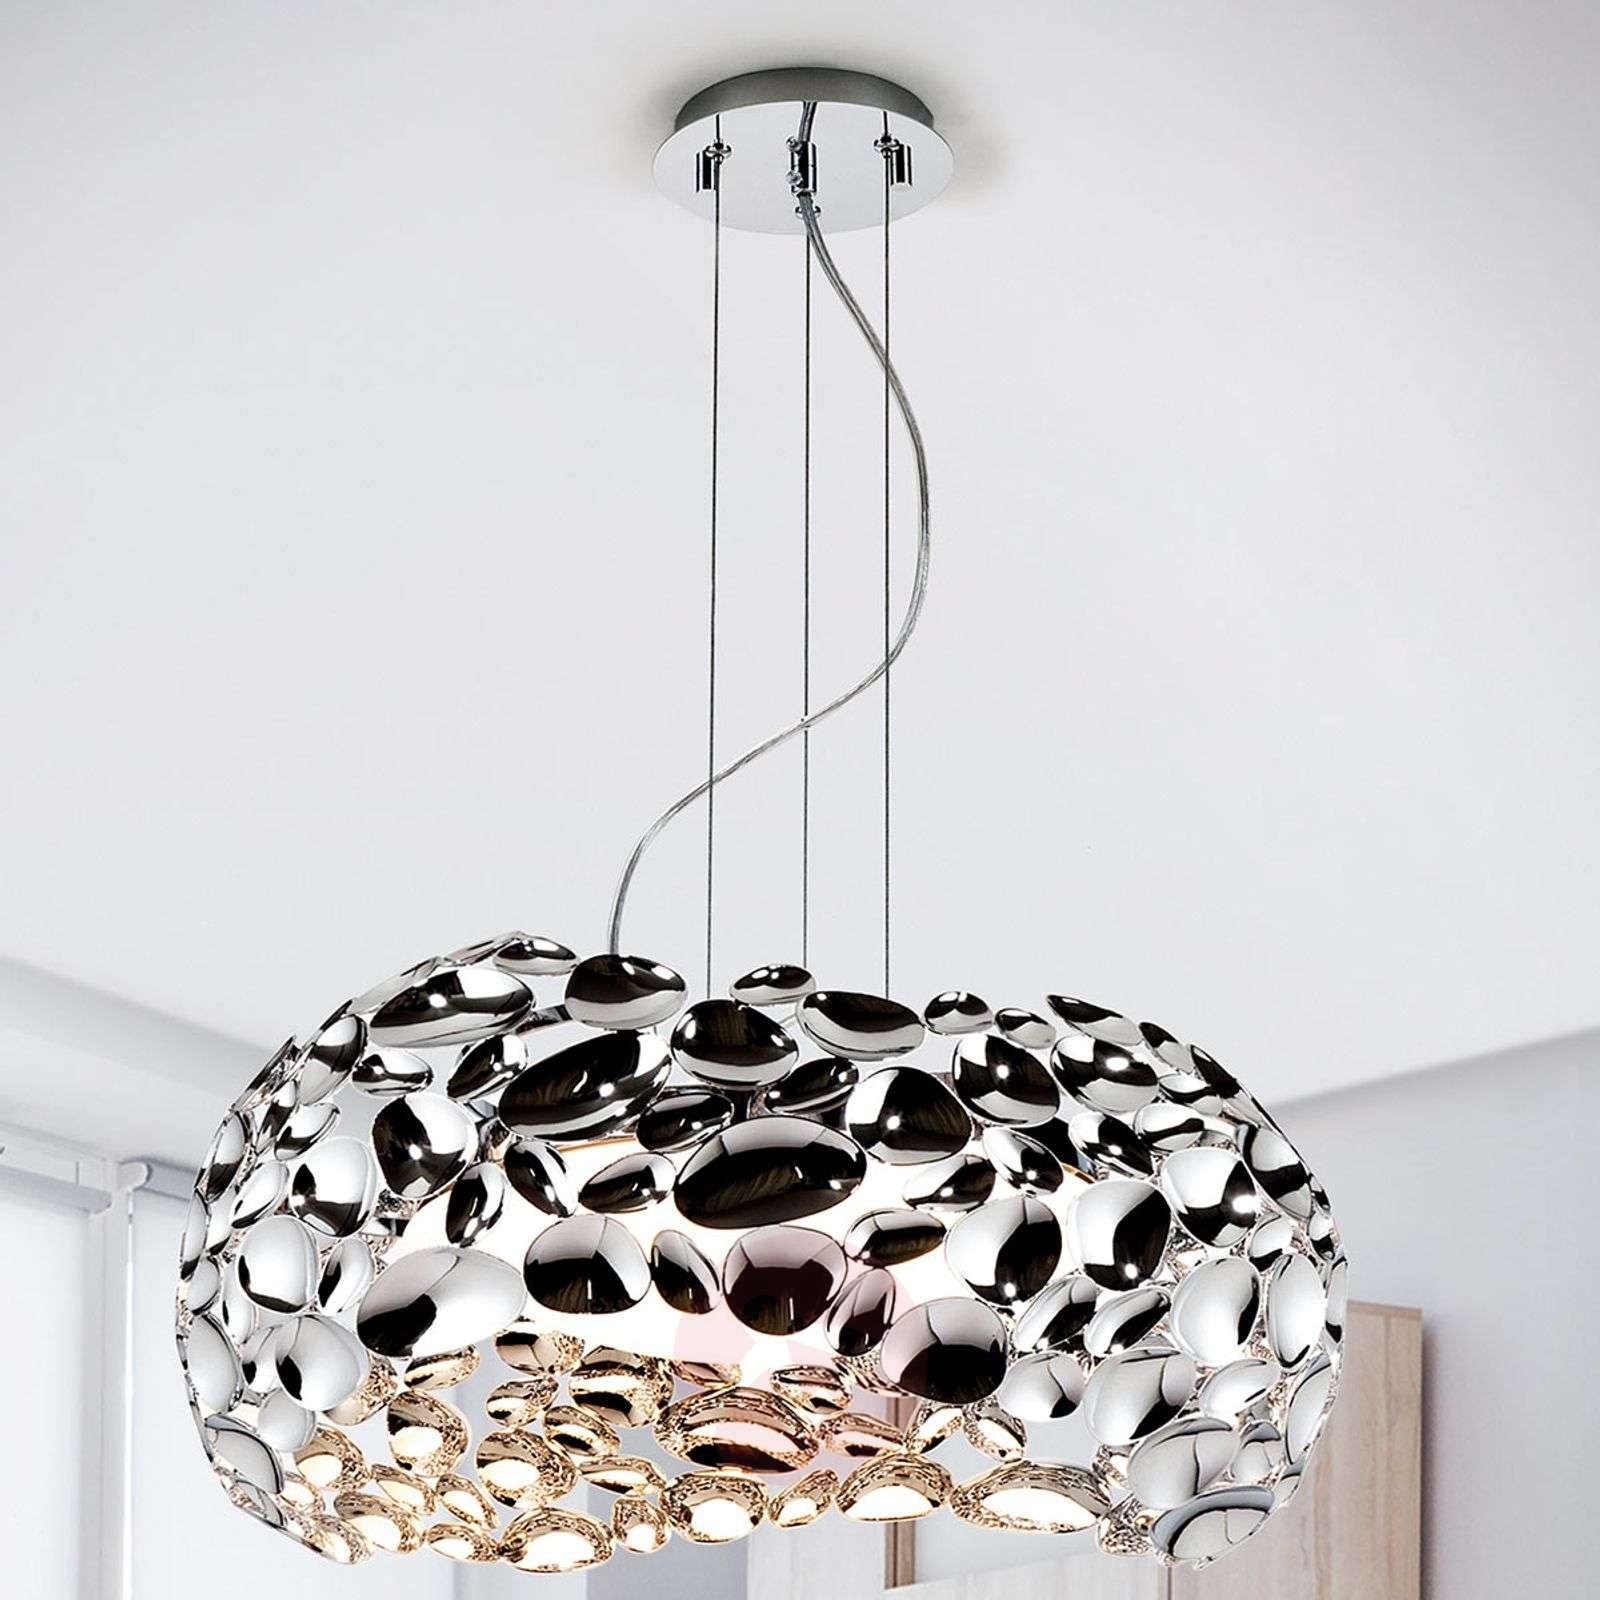 LED-riippuvalaisin Narisa 47 cm kiiltävä kromi-8582322-01